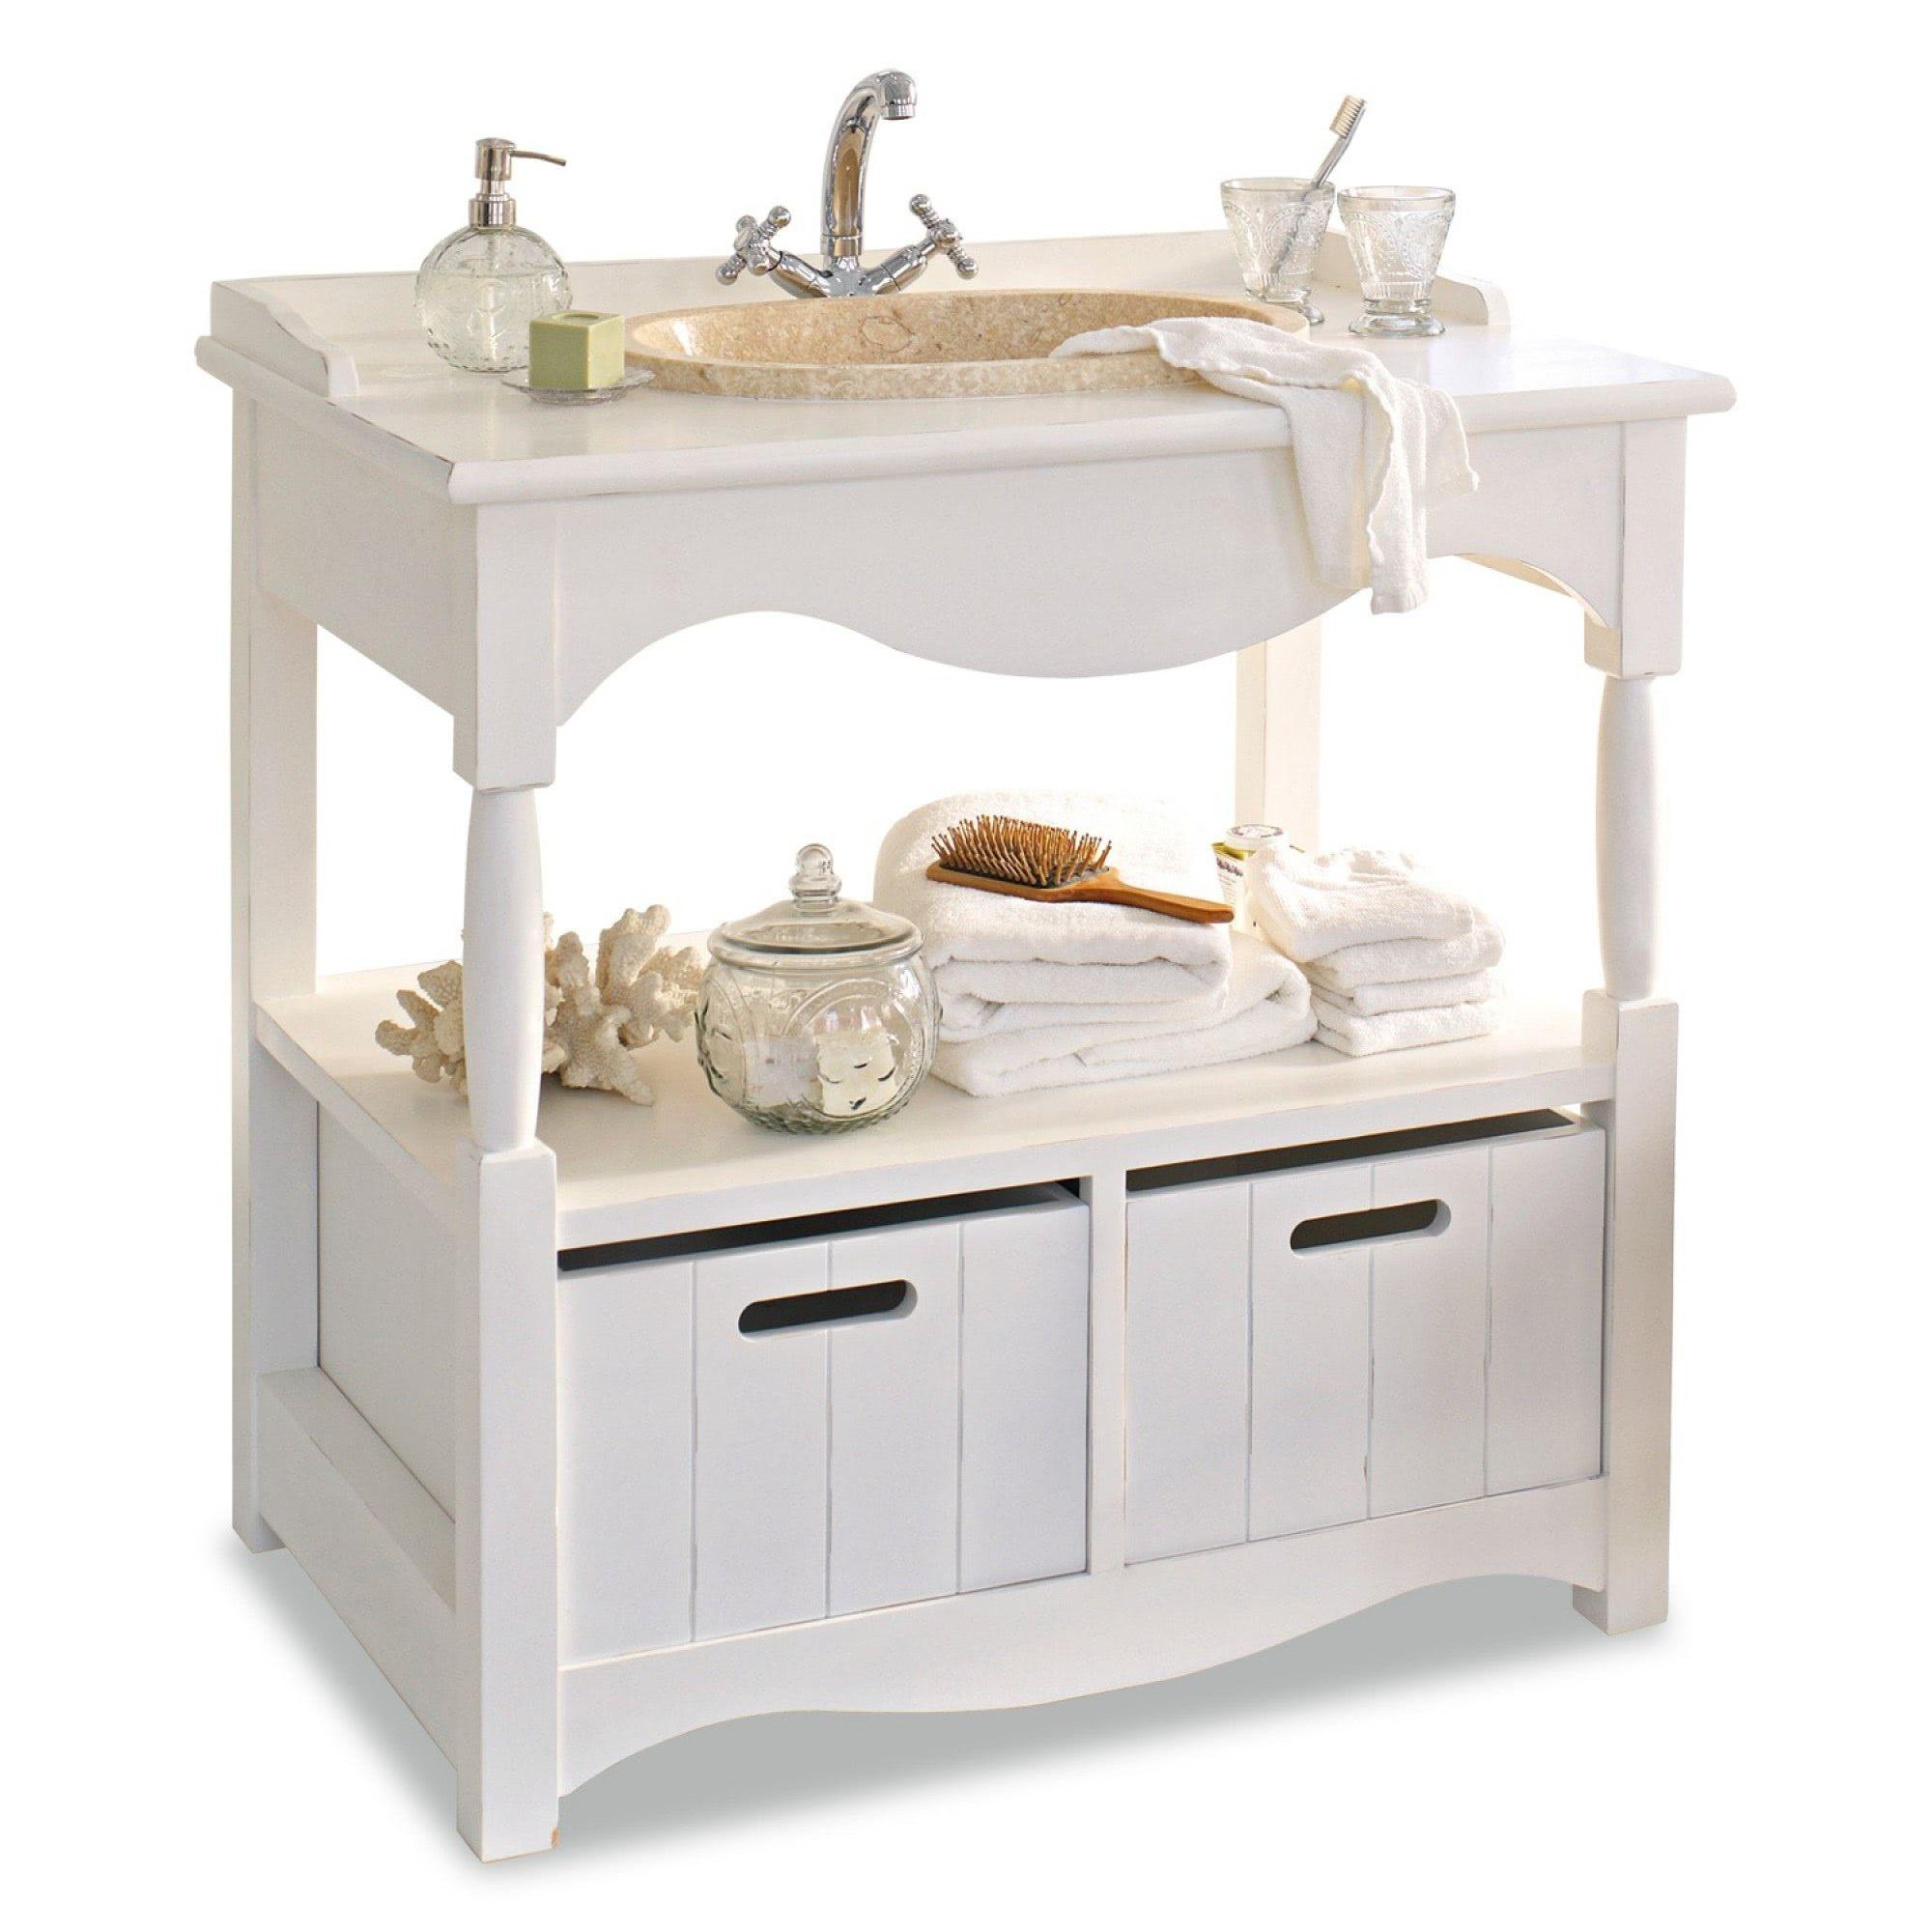 Waschtisch Savigneux   LOBERON   Waschtisch, Wäsche ...